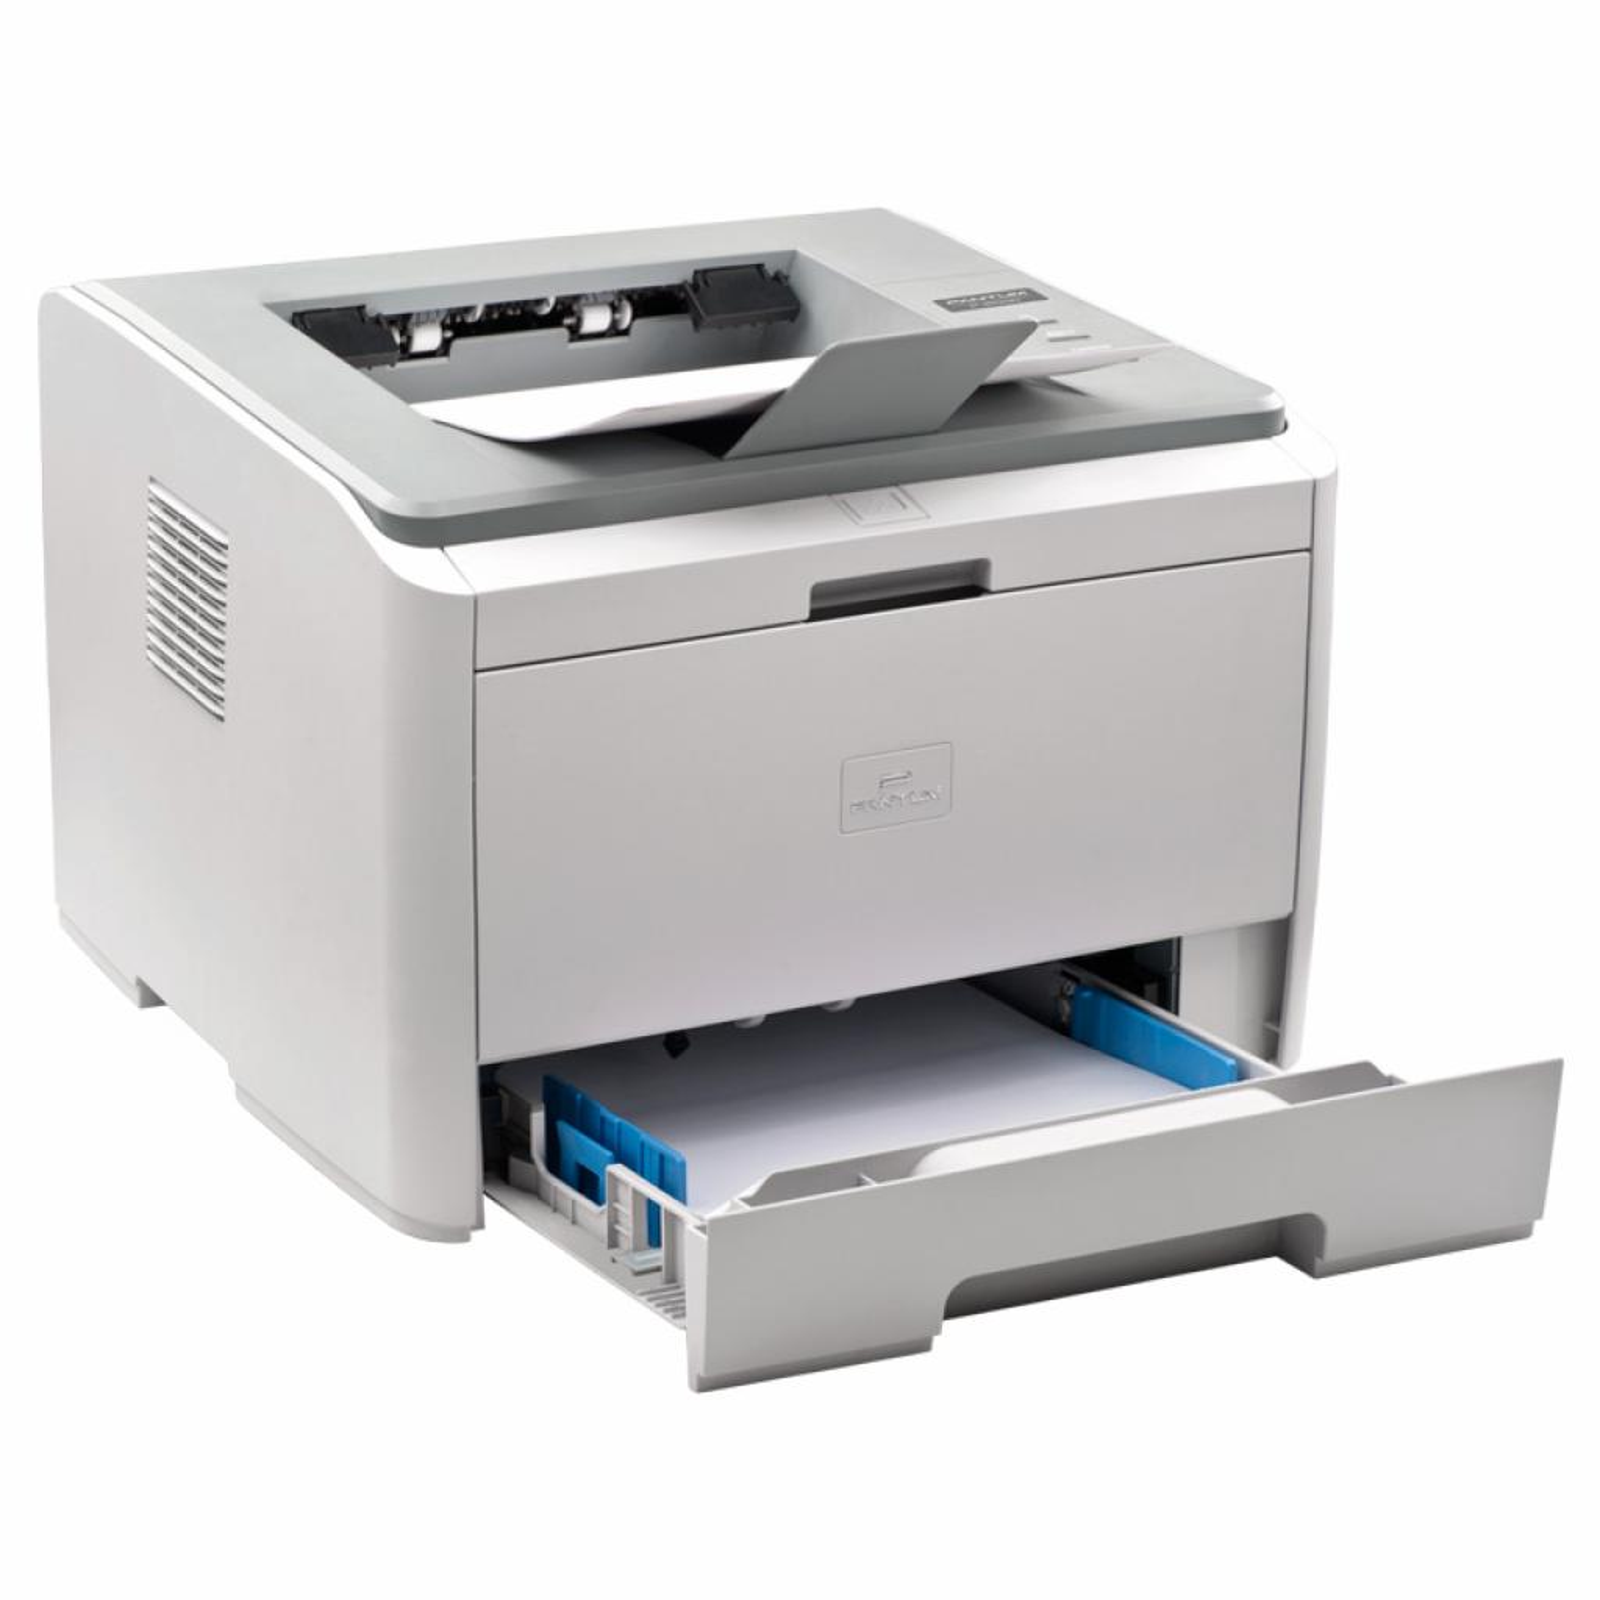 Лазерный принтер Pantum P3100DN (BA9A-1906-AS0) изображение 4